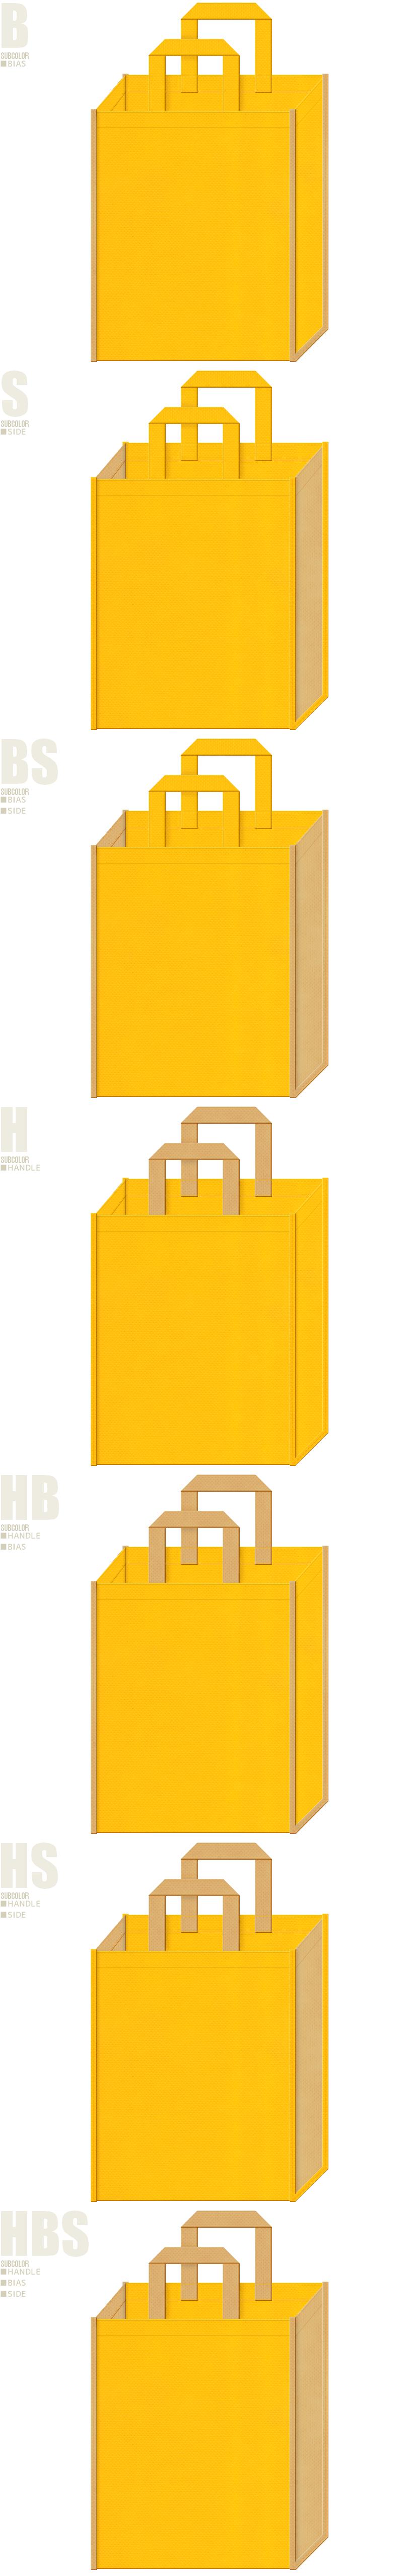 麦・ビール・クッキー・サブレ・キャラメル・バター・マロンケーキ・スイーツ・はちみつ・栗・和菓子・日曜大工・木工・DIYイベントにお奨めの不織布バッグデザイン:黄色と薄黄土色の配色7パターン